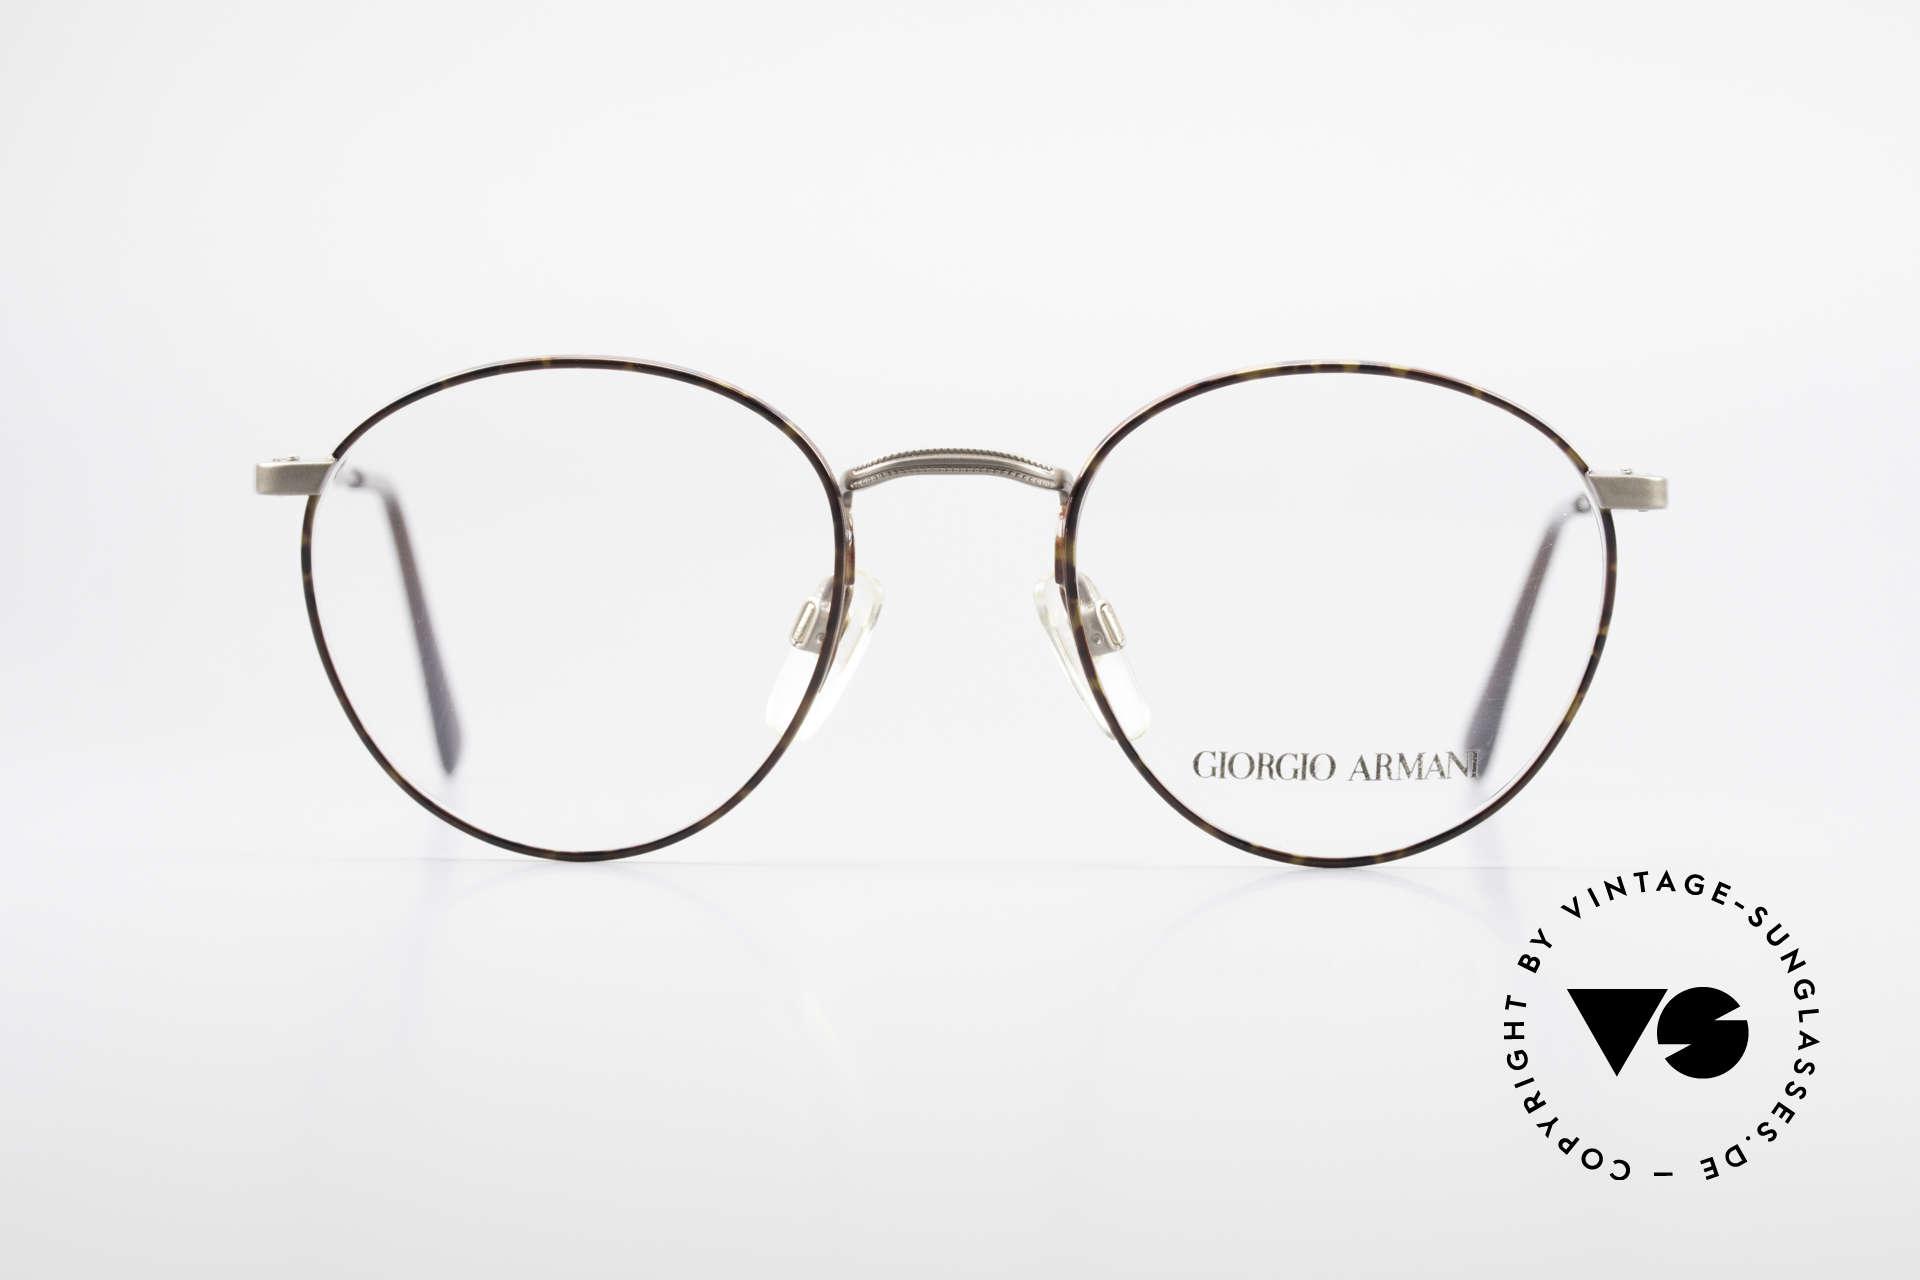 Giorgio Armani 166 No Retro Brille 80er Panto, zeitloses 80er Jahre Modell in Premium-Qualität, Passend für Herren